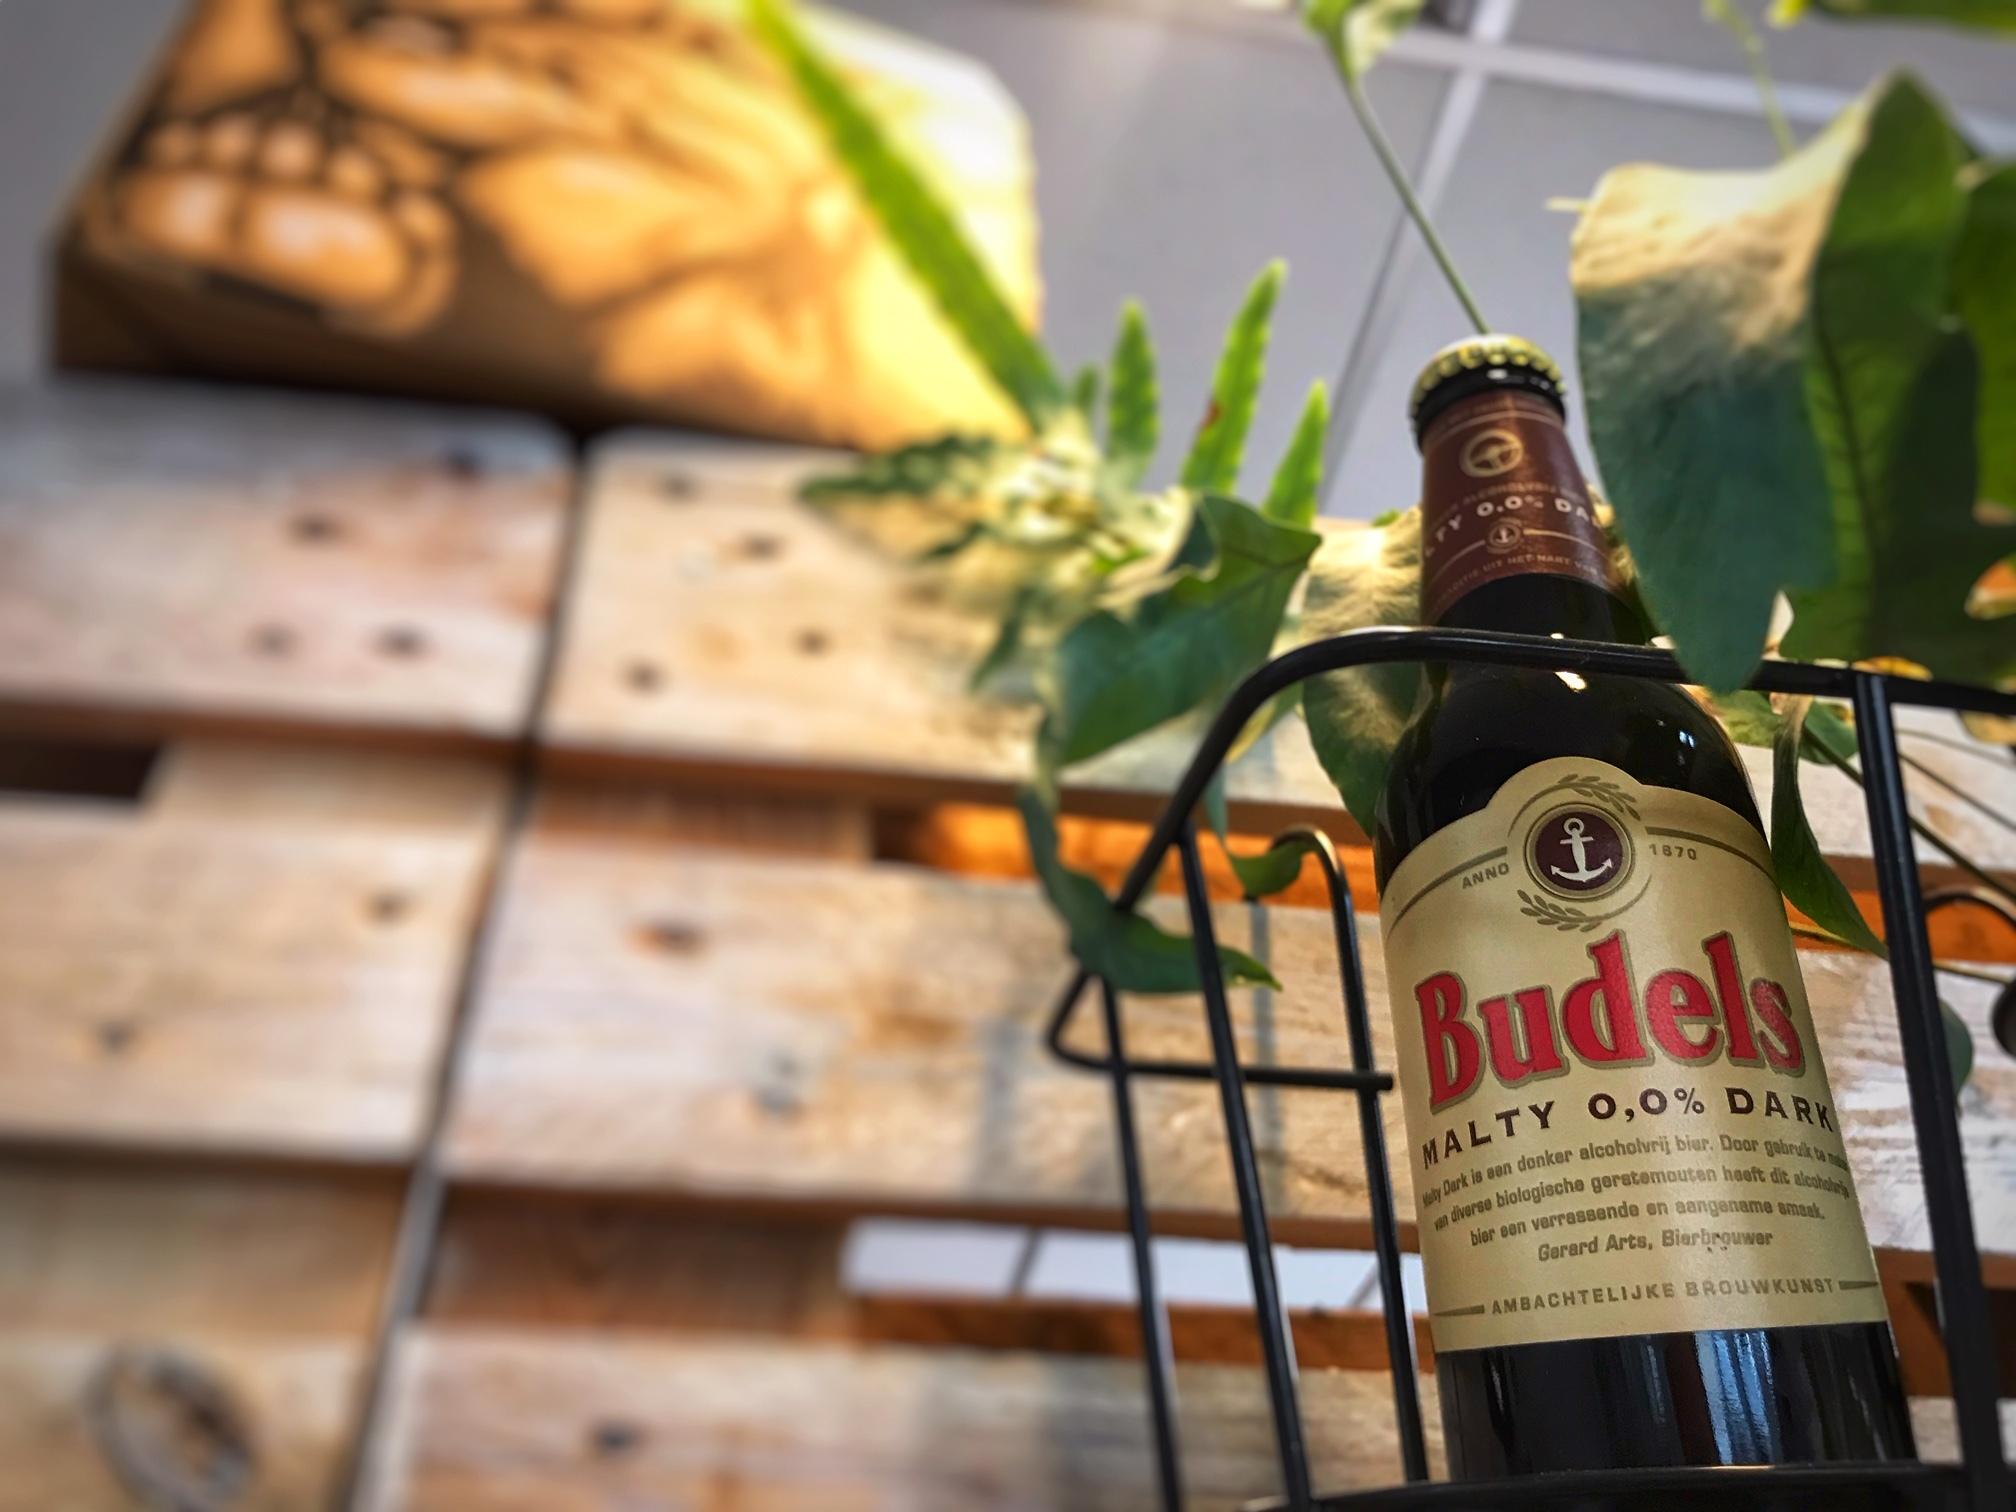 Malty Dark van Budelse Brouwerij